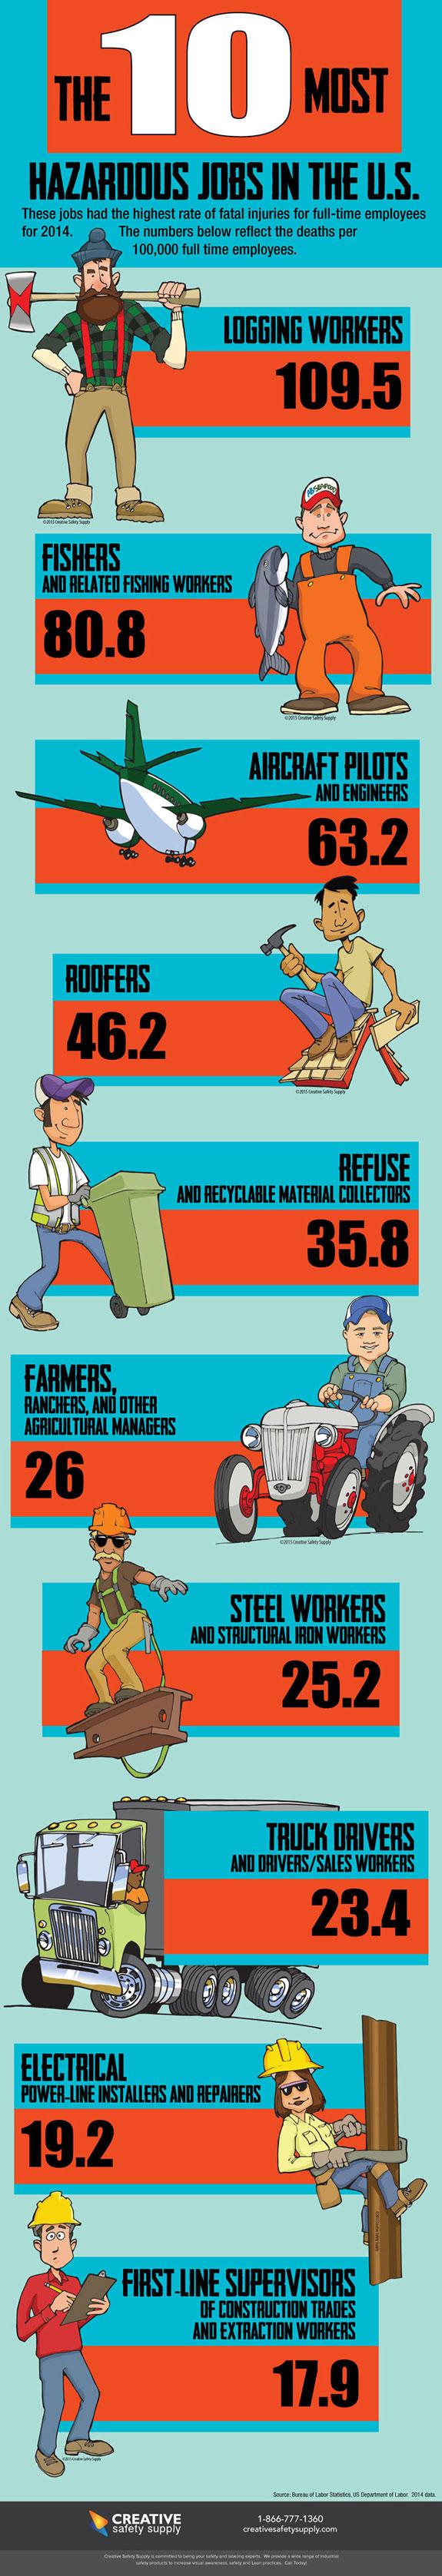 10-most-hazardous-jobs-infographic